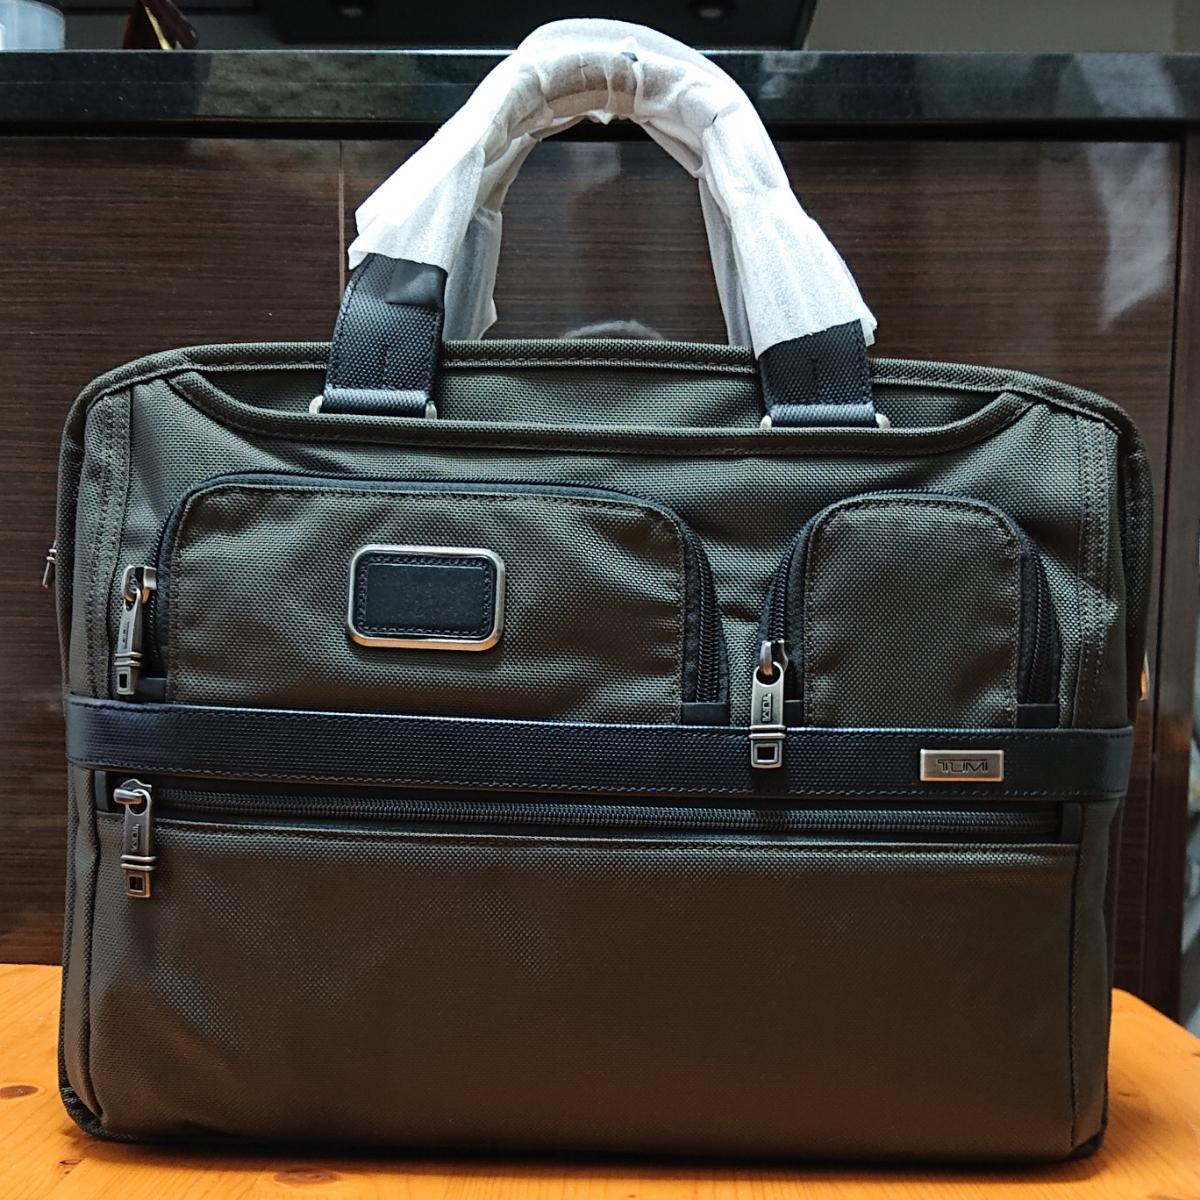 《新品未使用品》TUMI ブリーフケース ビジネスバッグ